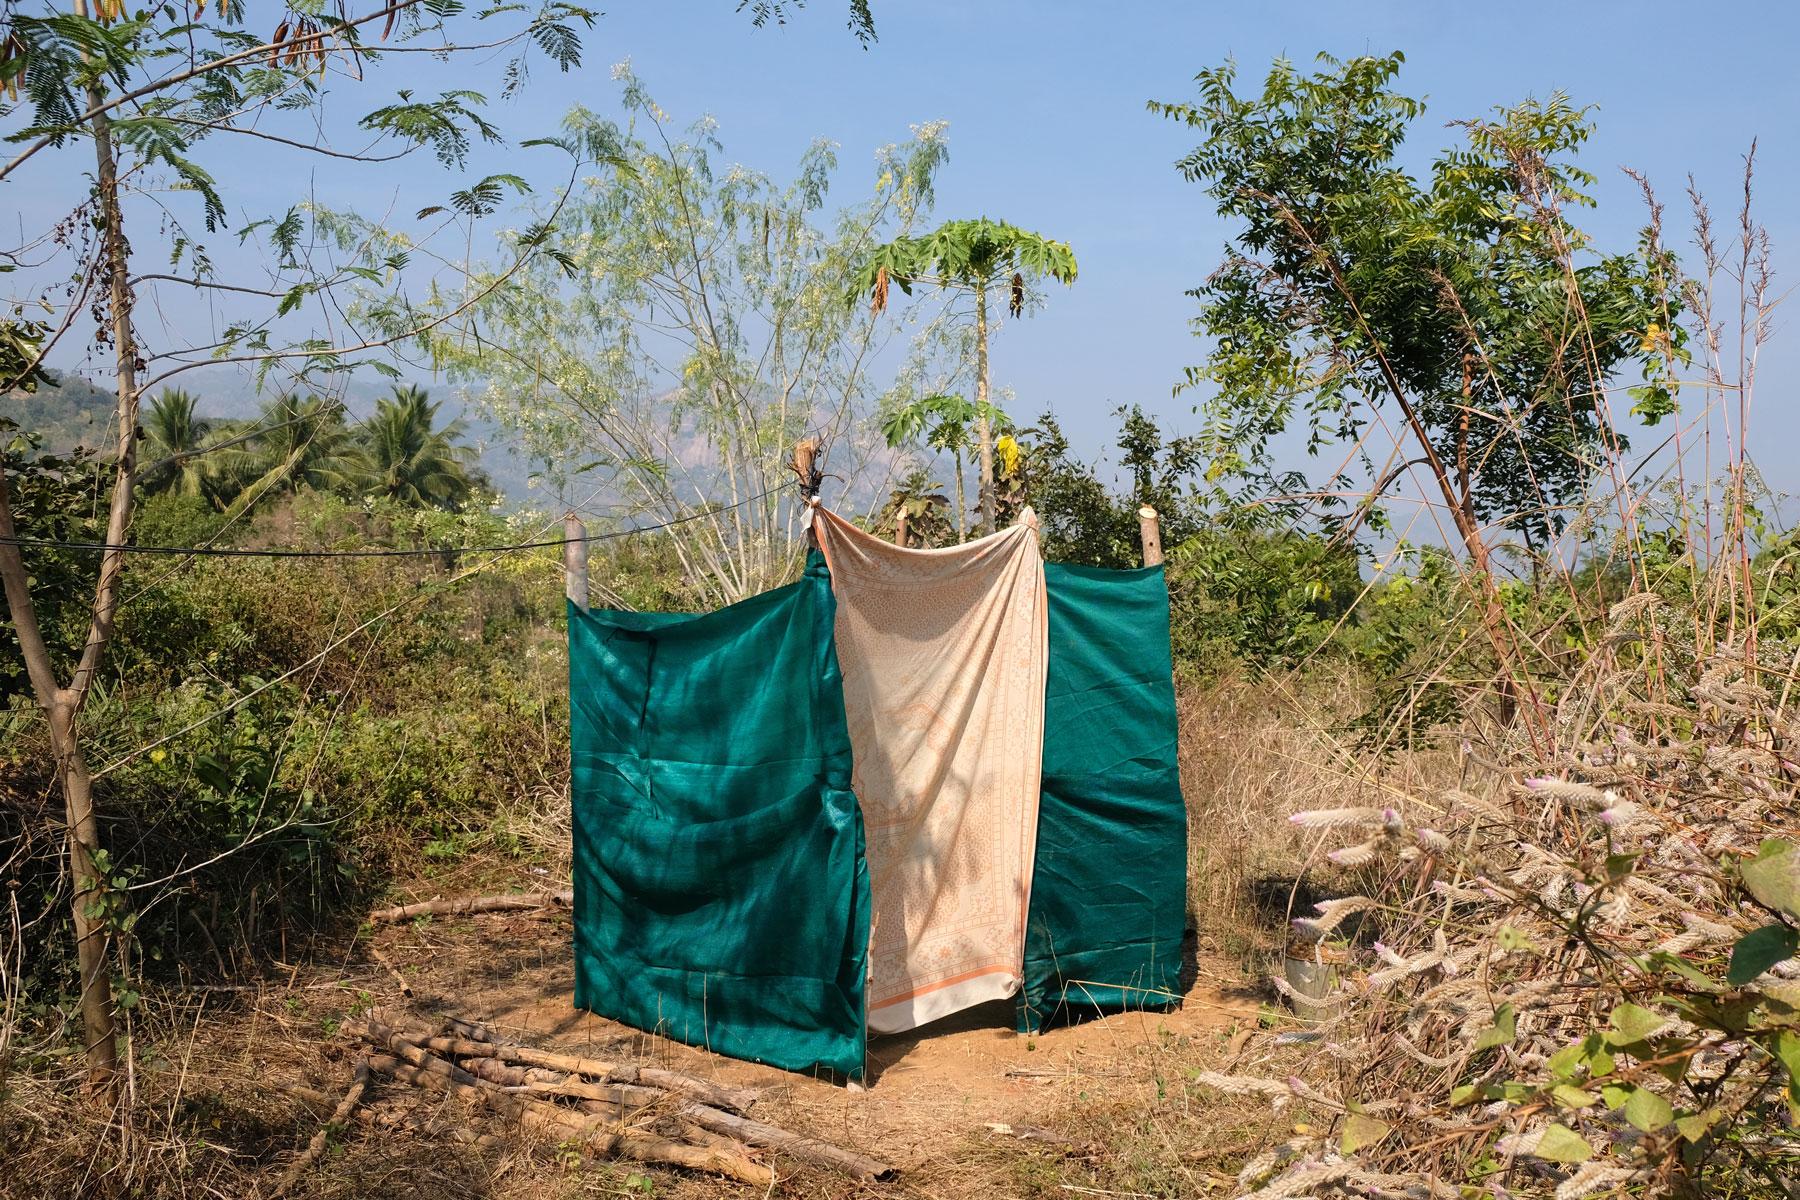 Ein mit grünnen Stoffbahnen errichtetes Toilettenhäusschen auf einer Farm.